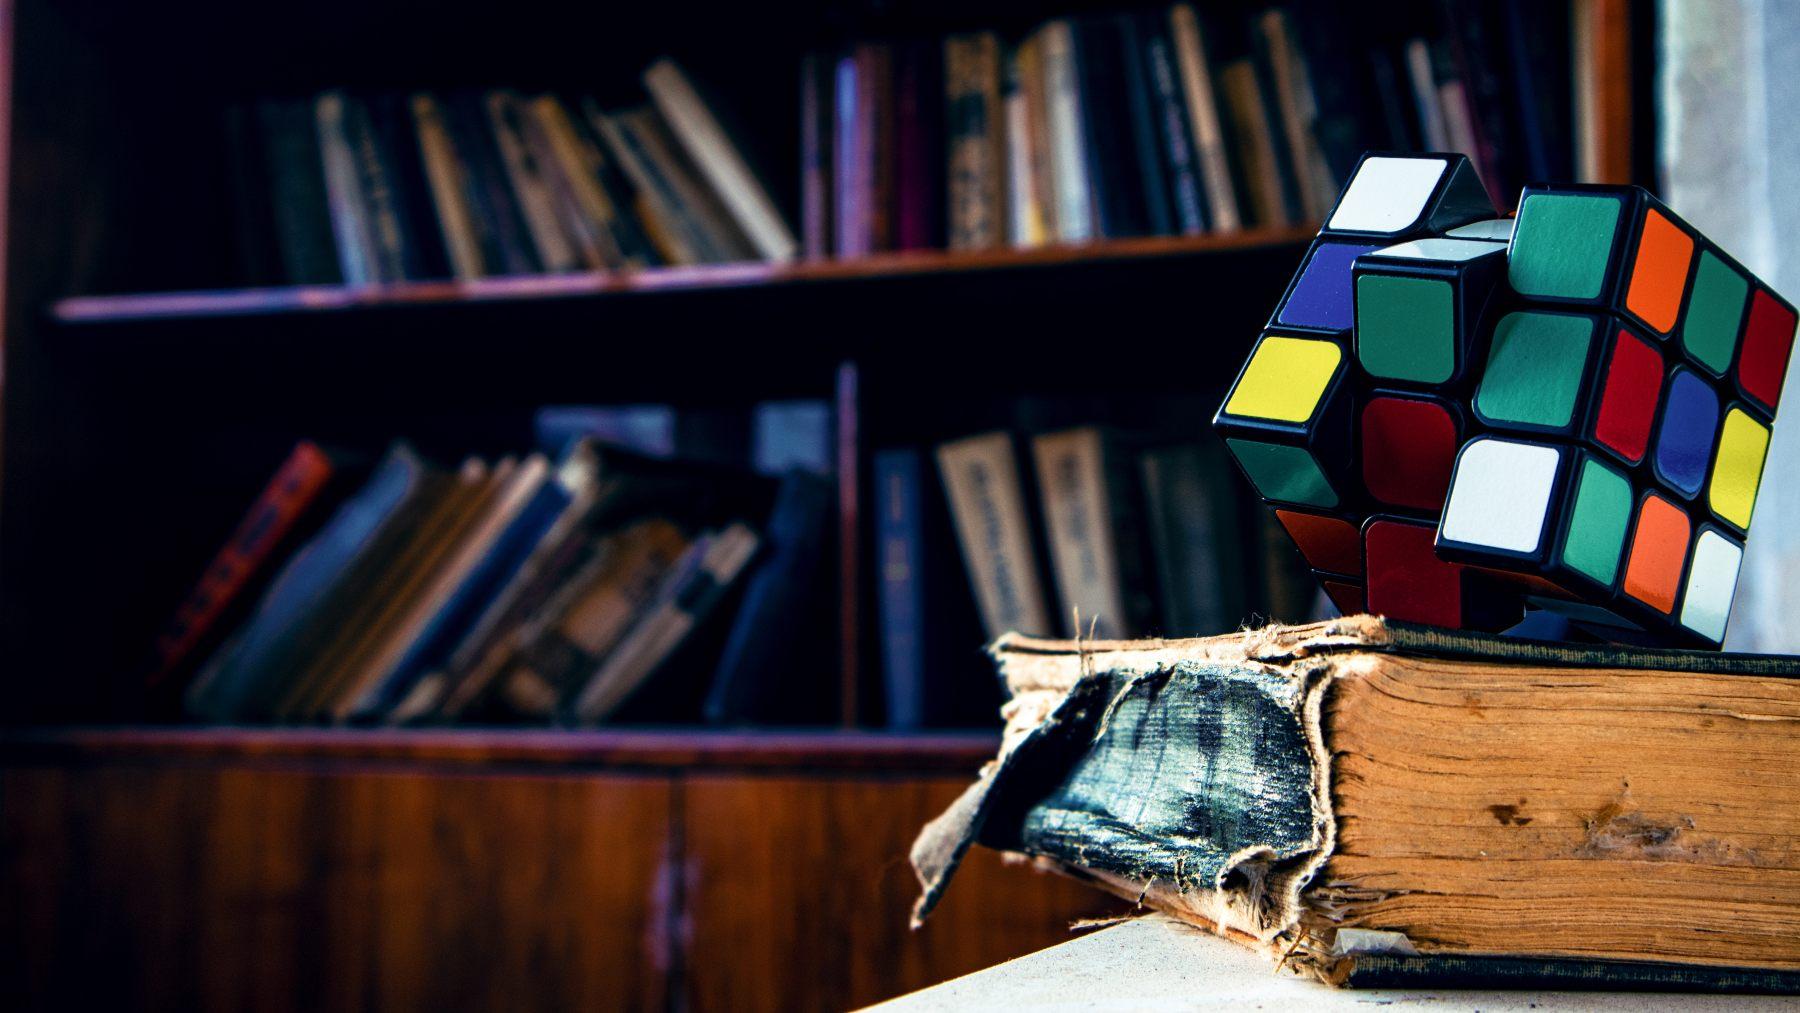 El cubo de Rubik es el juguete más vendido del mundo